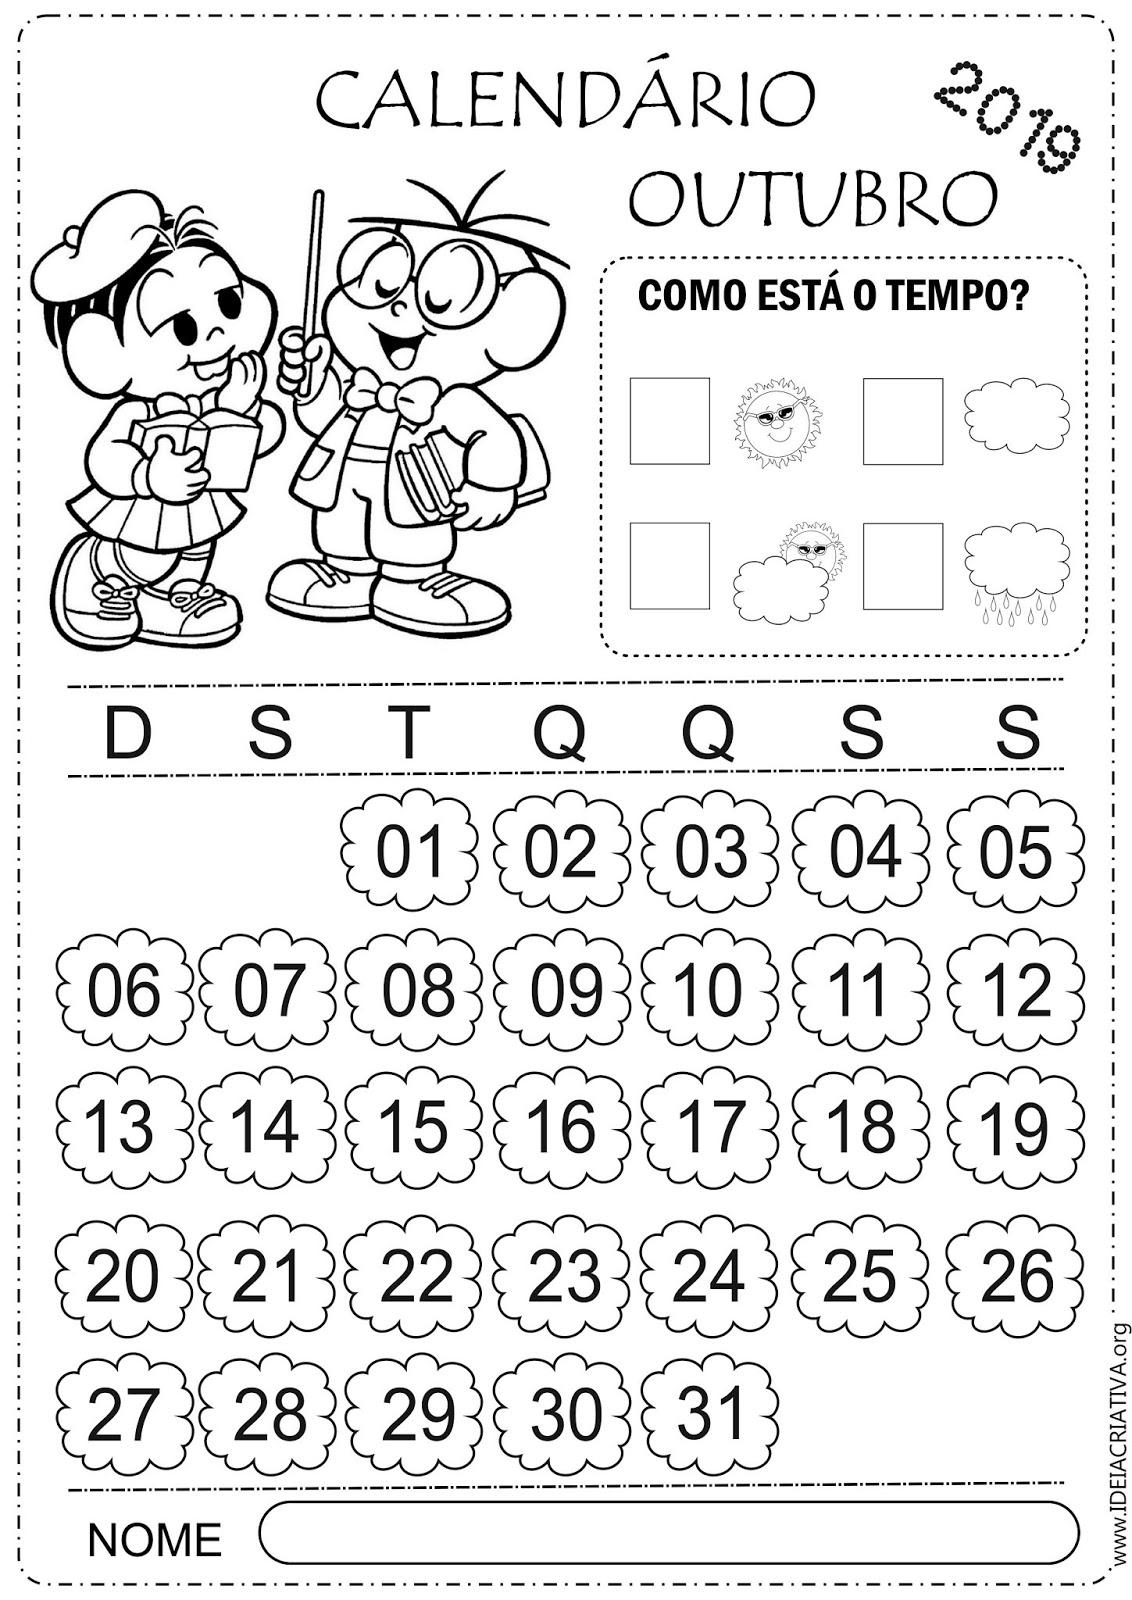 Calendarios Outubro 2019 Turma Da Monica Colorir